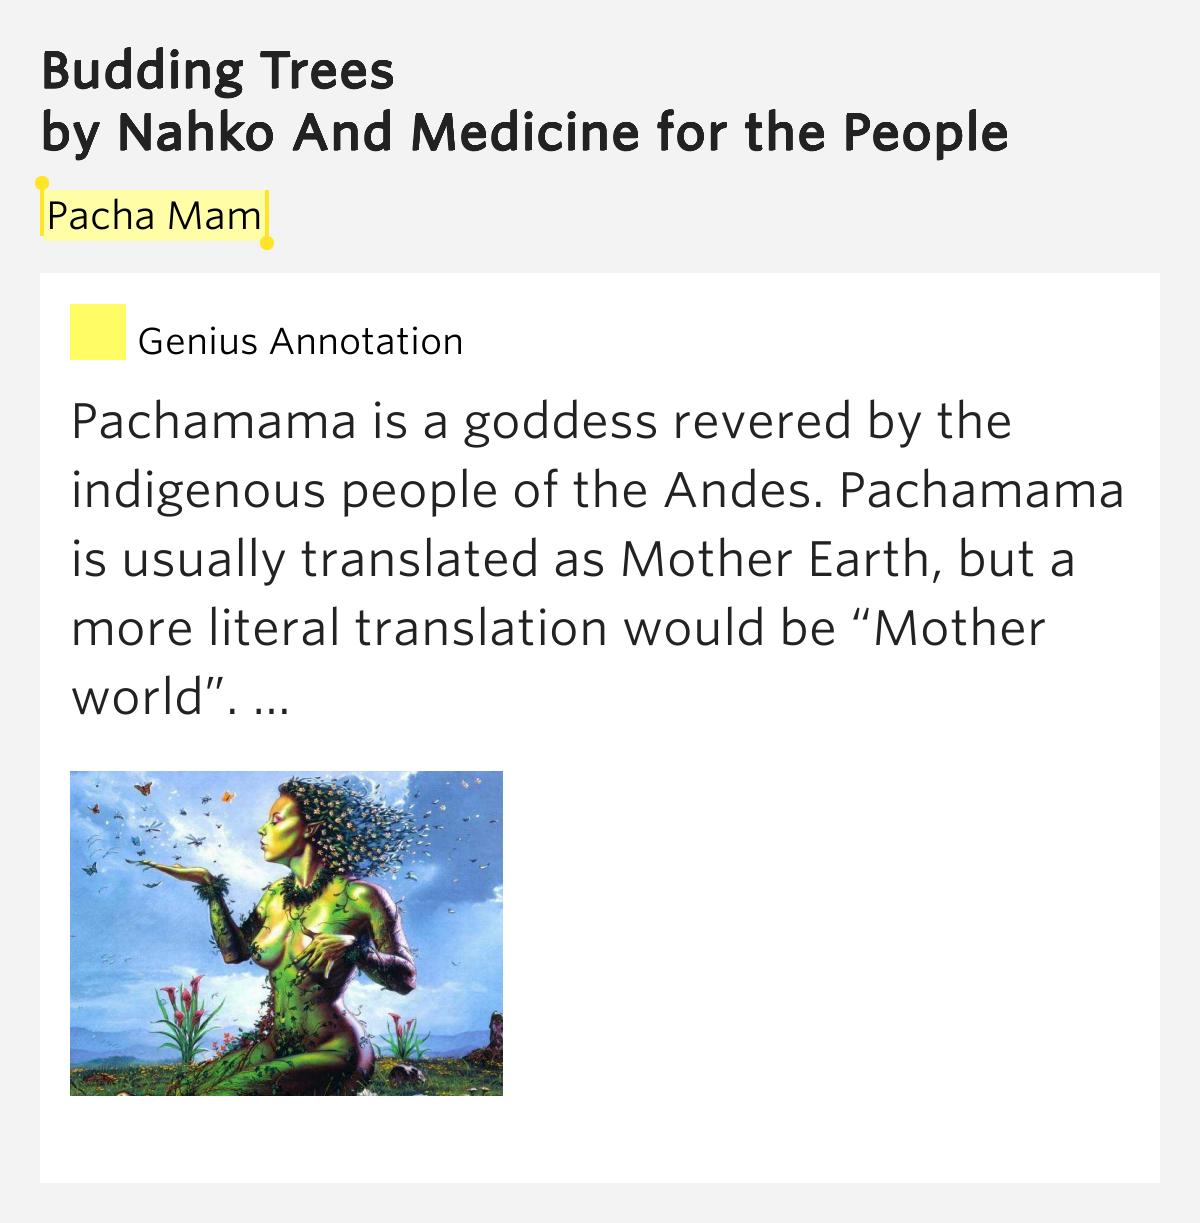 Budding trees lyrics beatiful tree budding trees lyrics image mag hexwebz Image collections